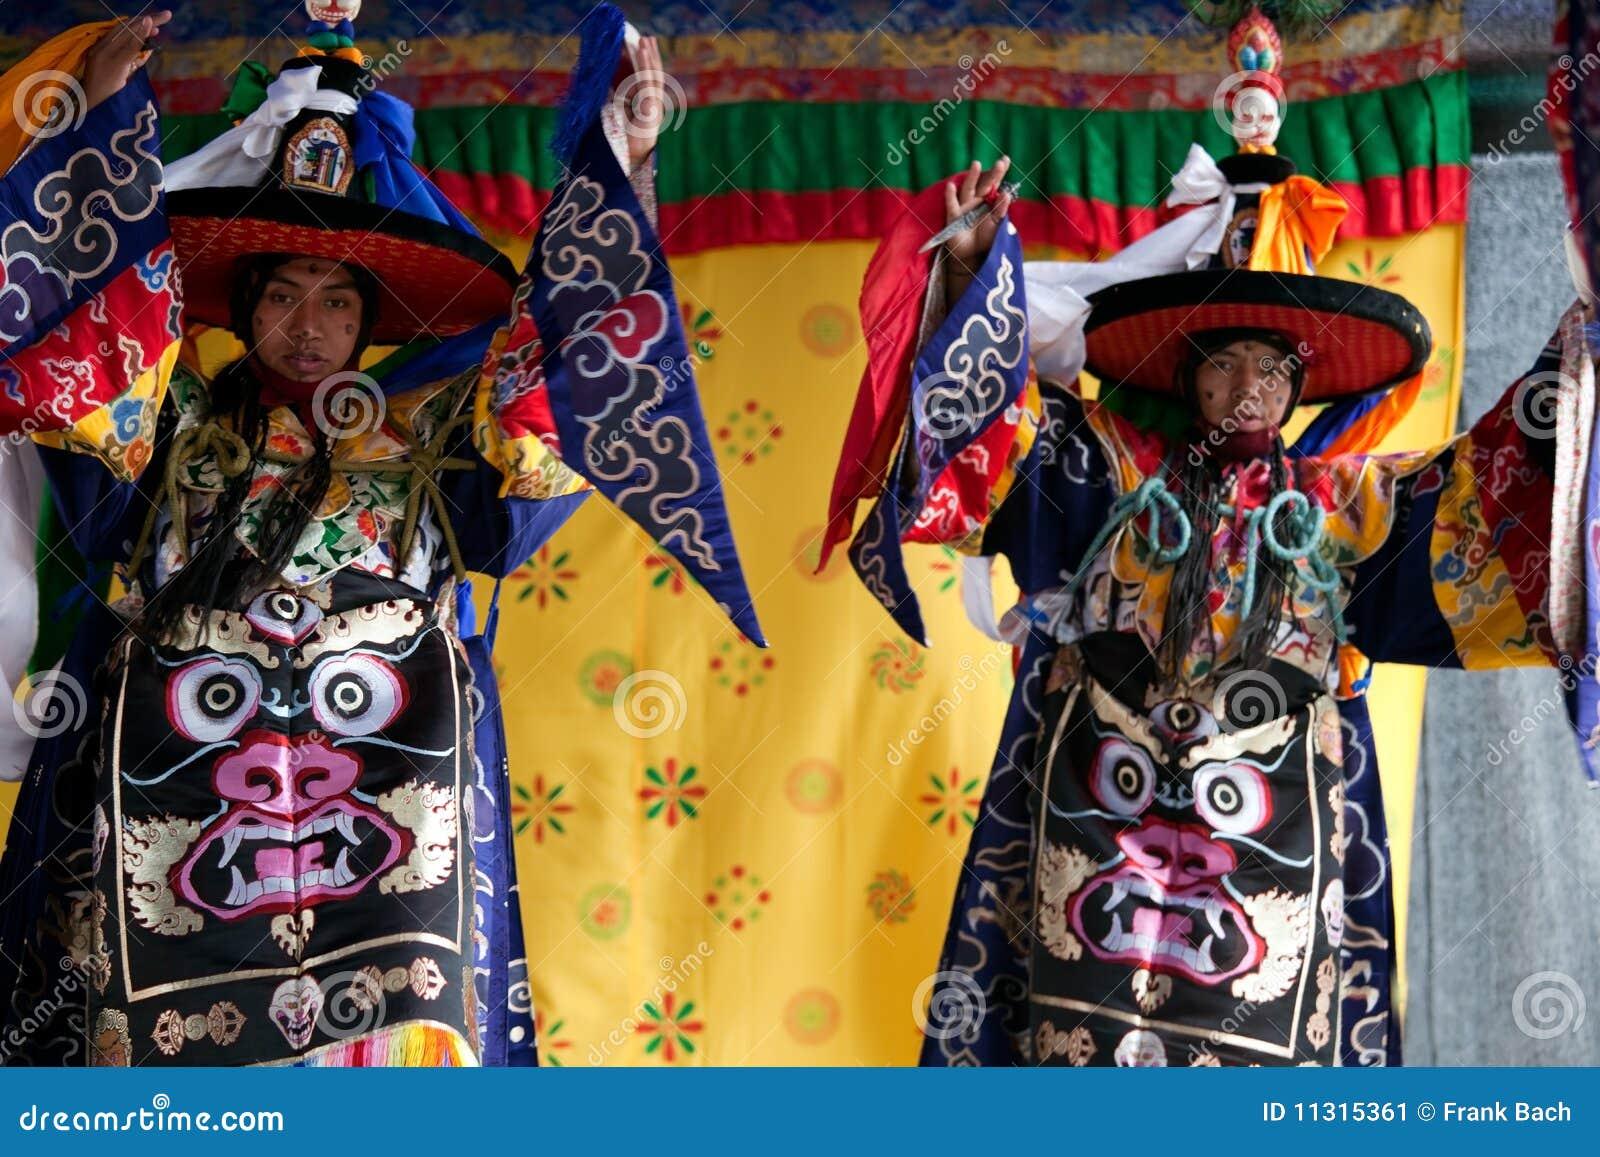 Tibetanische Tänzer, die an der Stufe durchführen